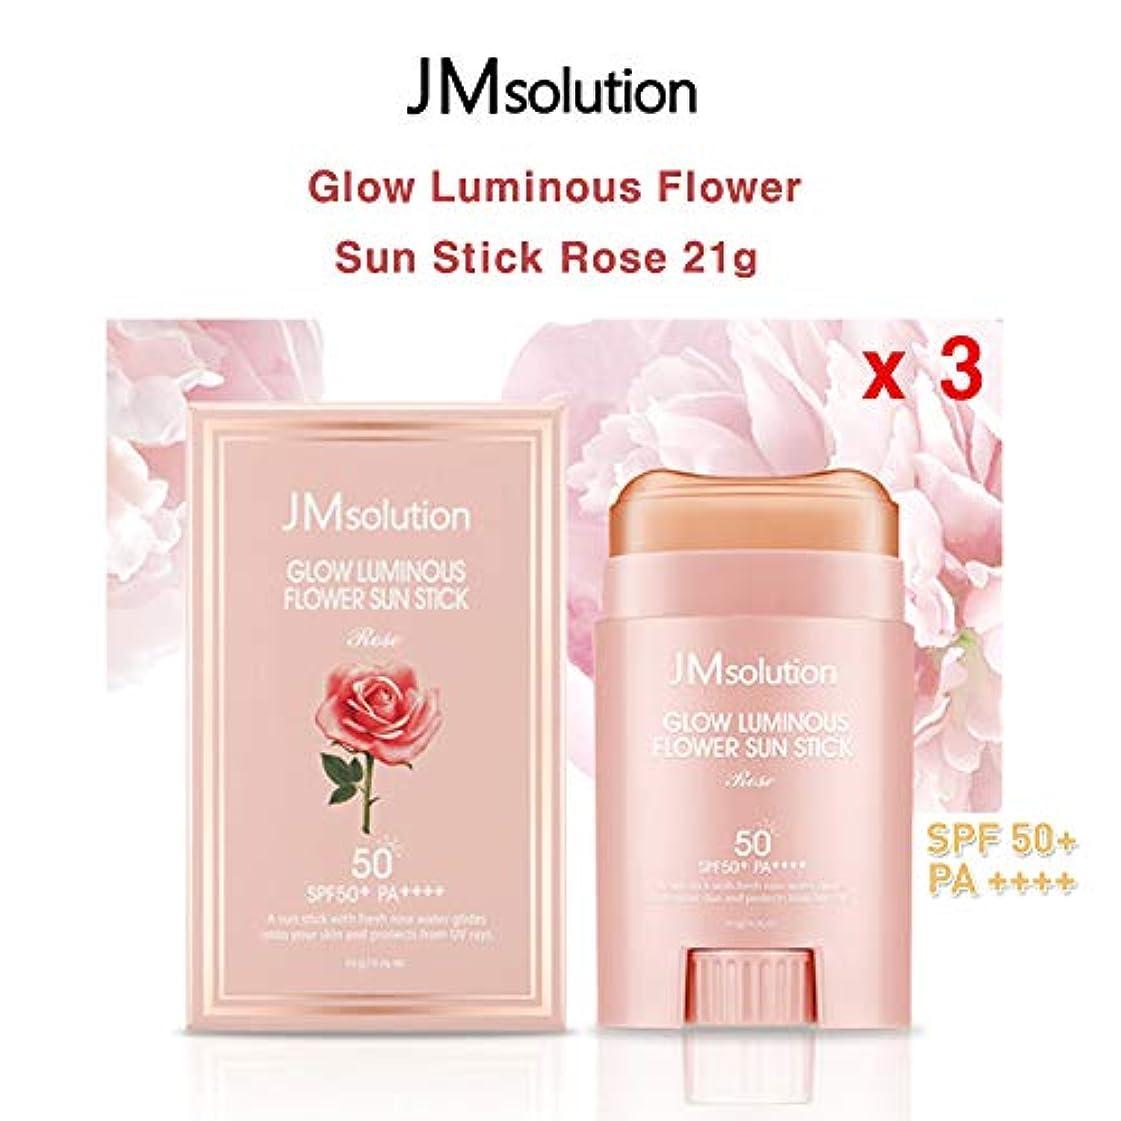 温度計綺麗な相手JM Solution ★1+1+1★ Glow Luminous Flower Sun Stick Rose 21g (spf50 PA) 光る輝く花Sun Stick Rose